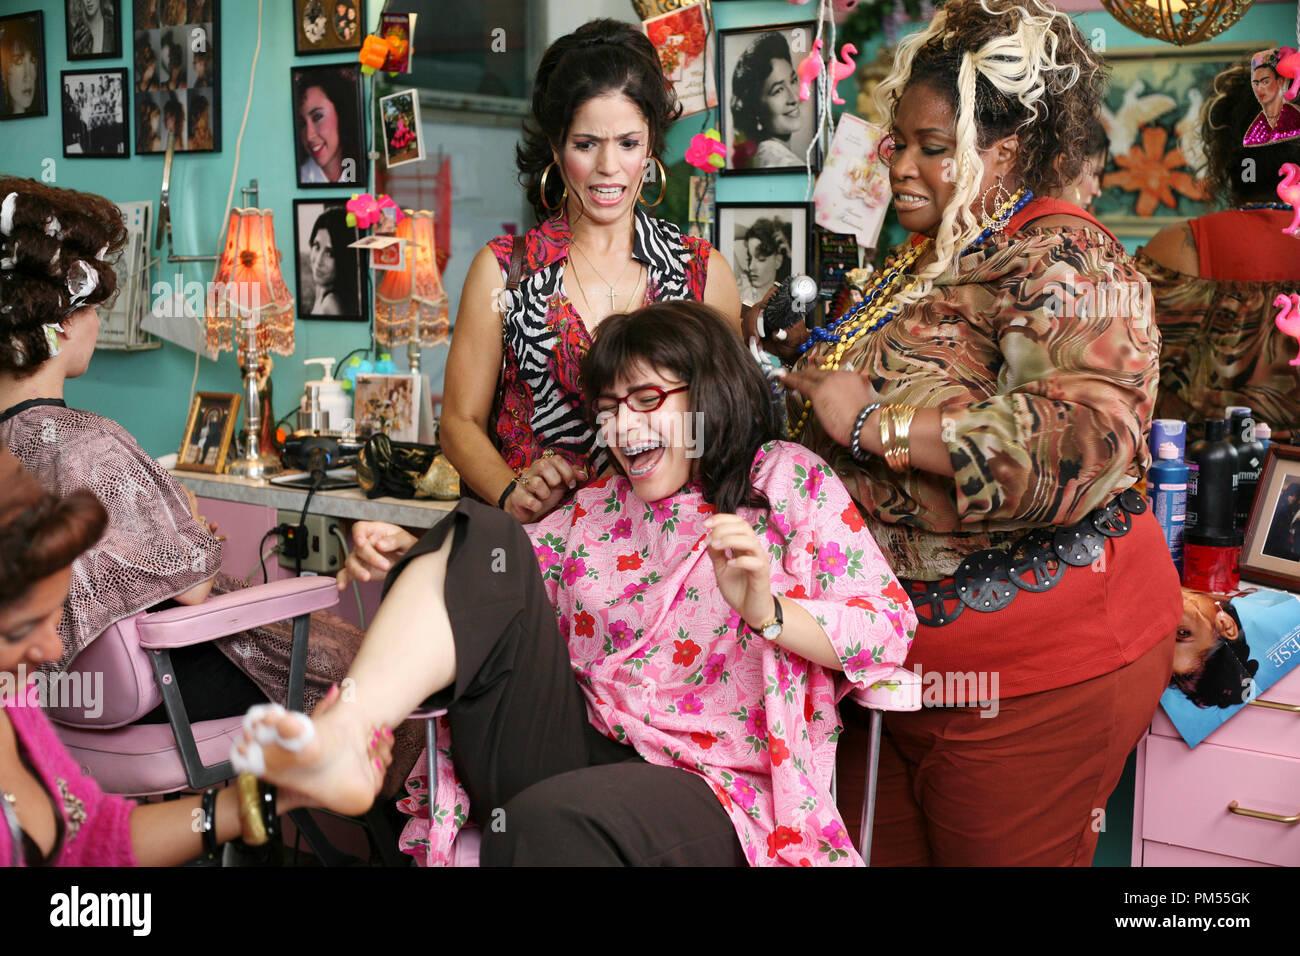 Franchesca Salcedo (b. 2002) Porn clip Smriti Kalra 2009,Ben Hardy (born 1991)